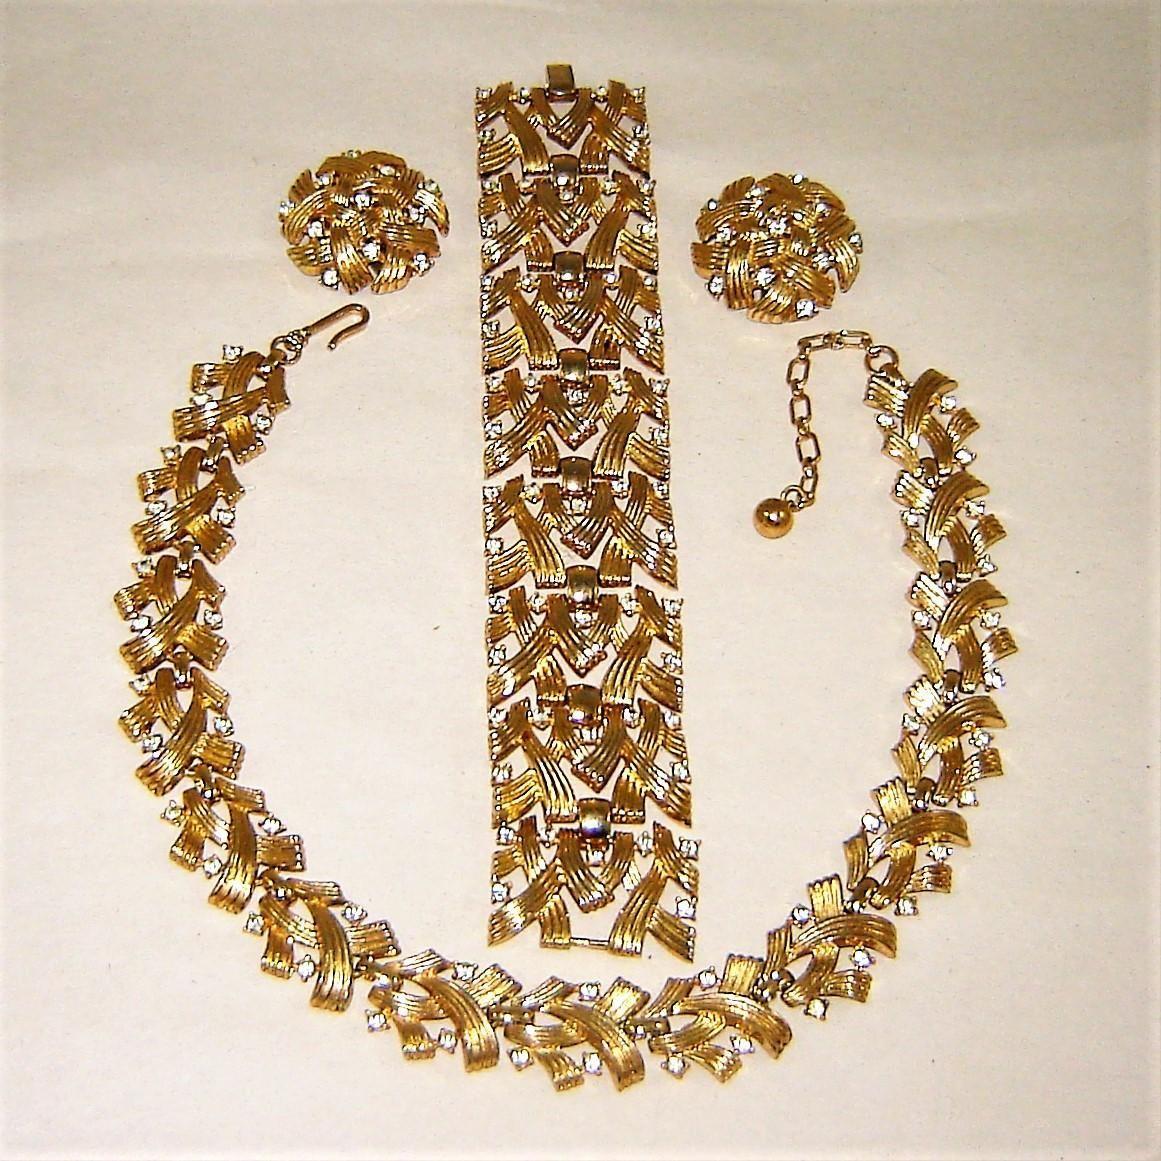 Vintage trifari necklace bracelet earrings gold trifanium diamante